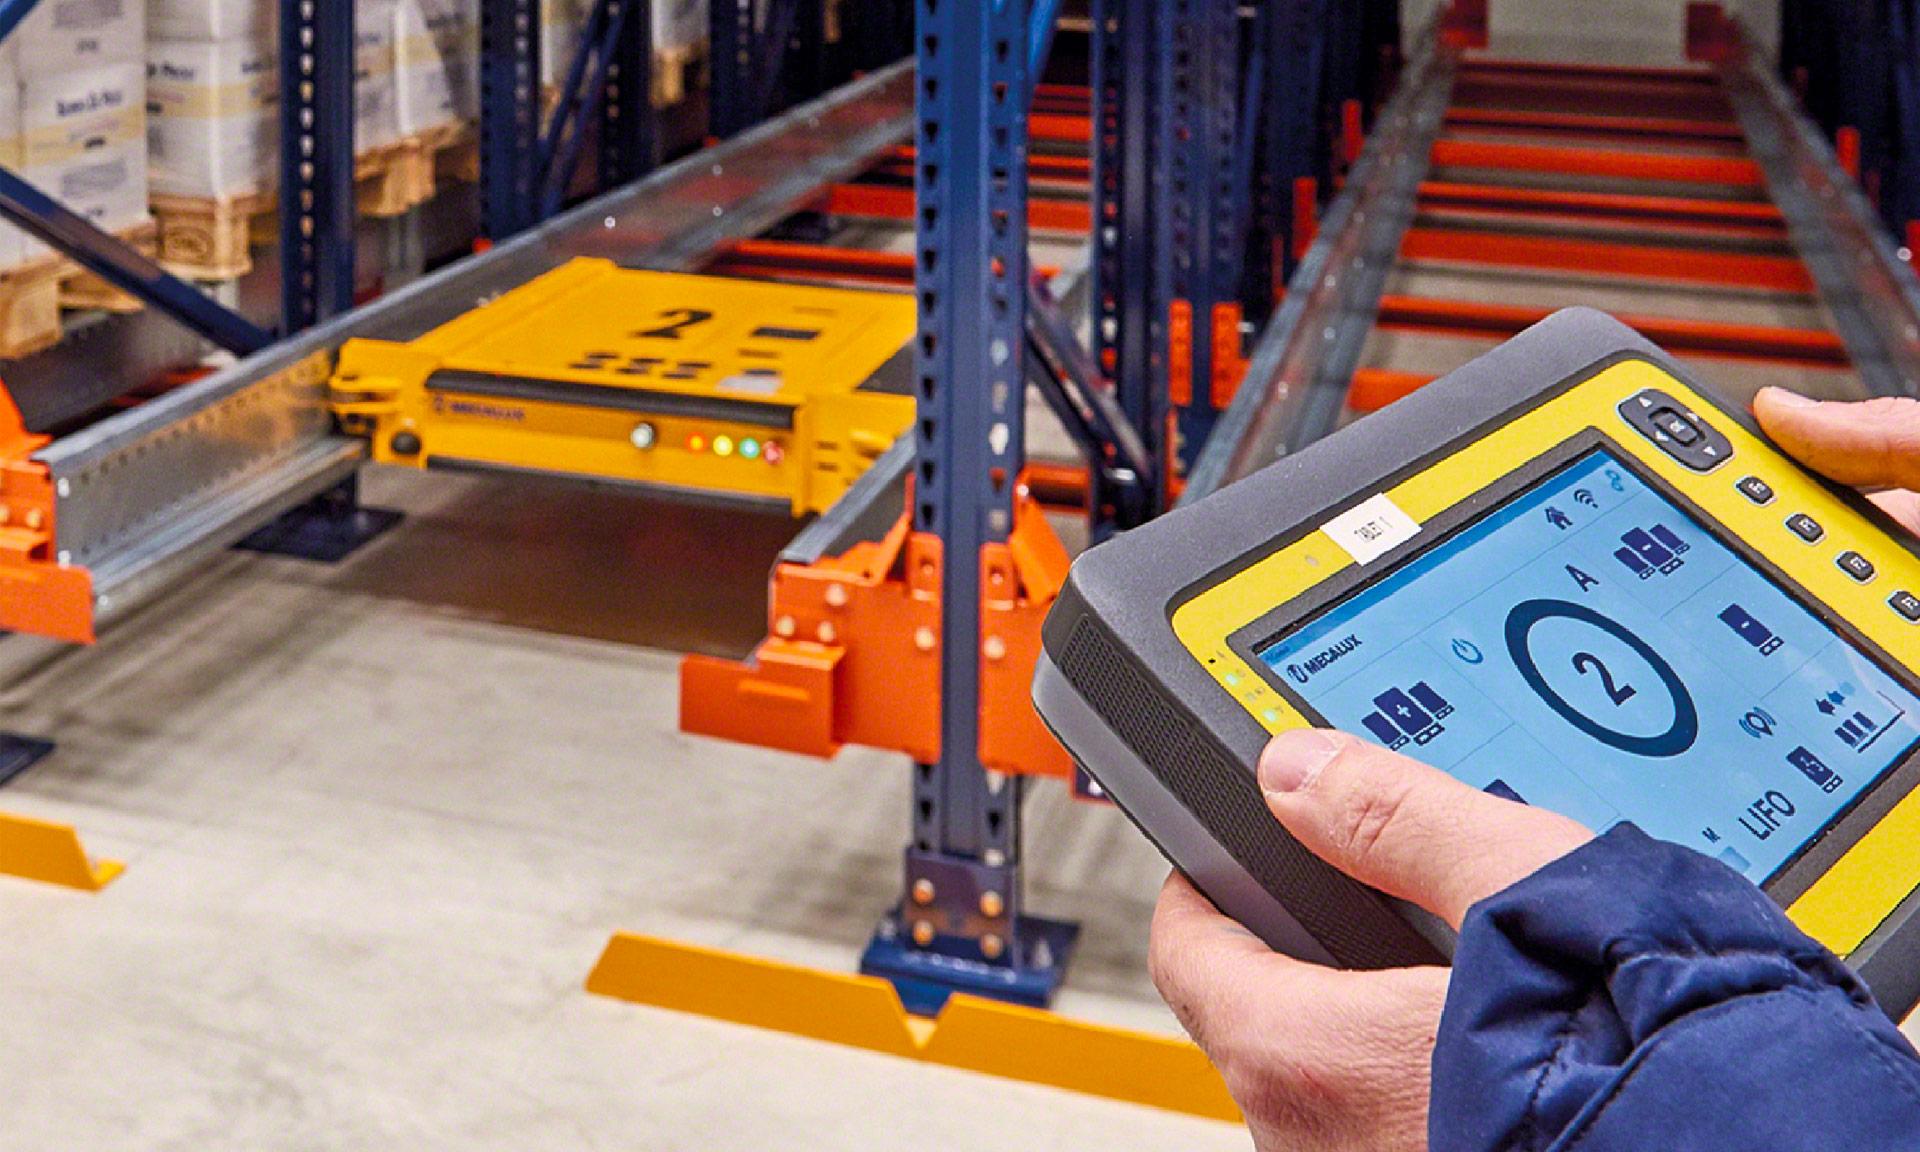 Ingram Micro, operador logístico de empresas de tecnología, instalará el Pallet Shuttle en su depósito